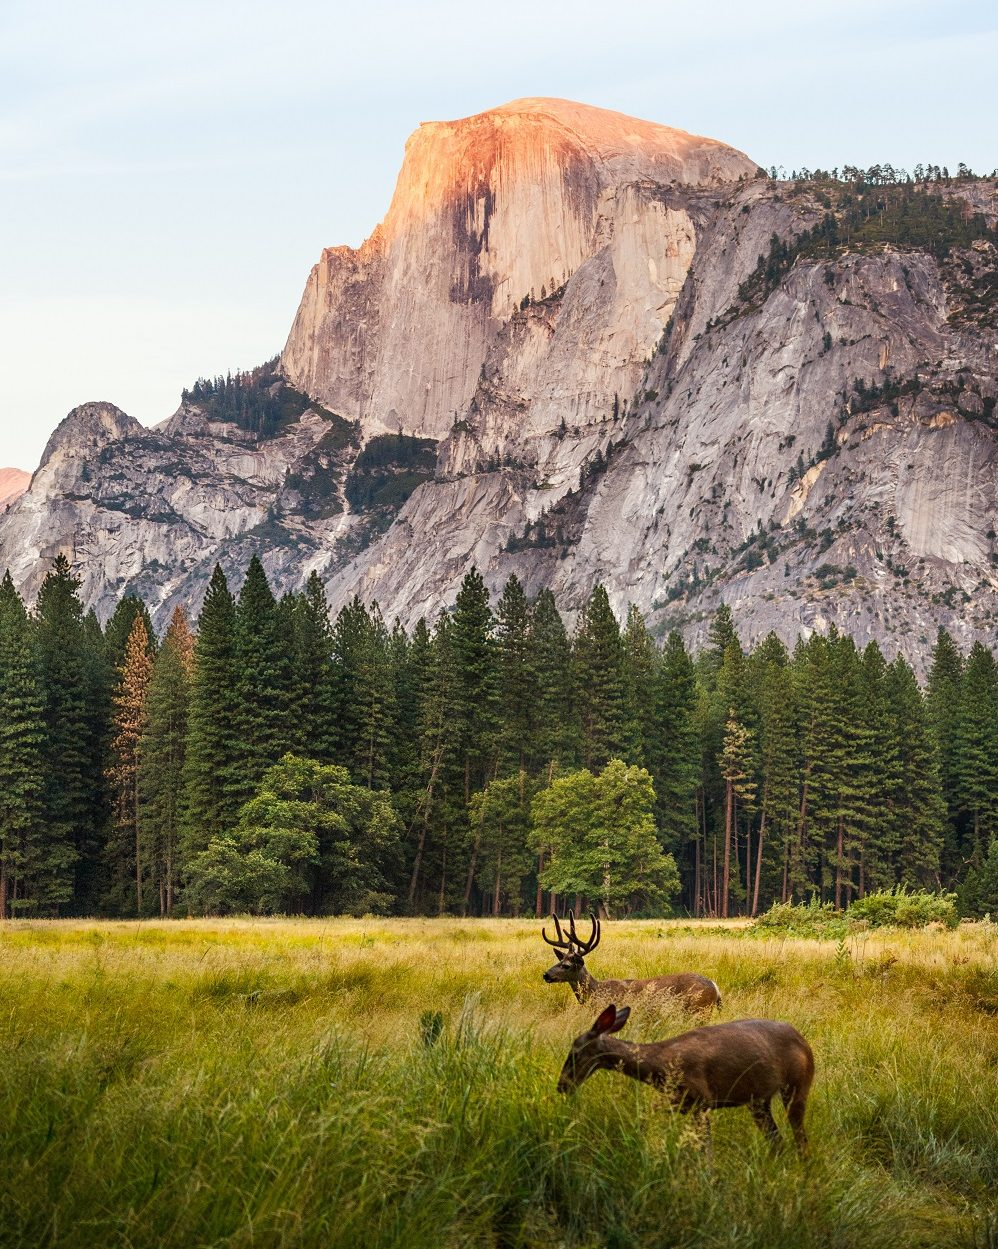 Voyage dans l'ouest américain - Yosemite - showroomprive